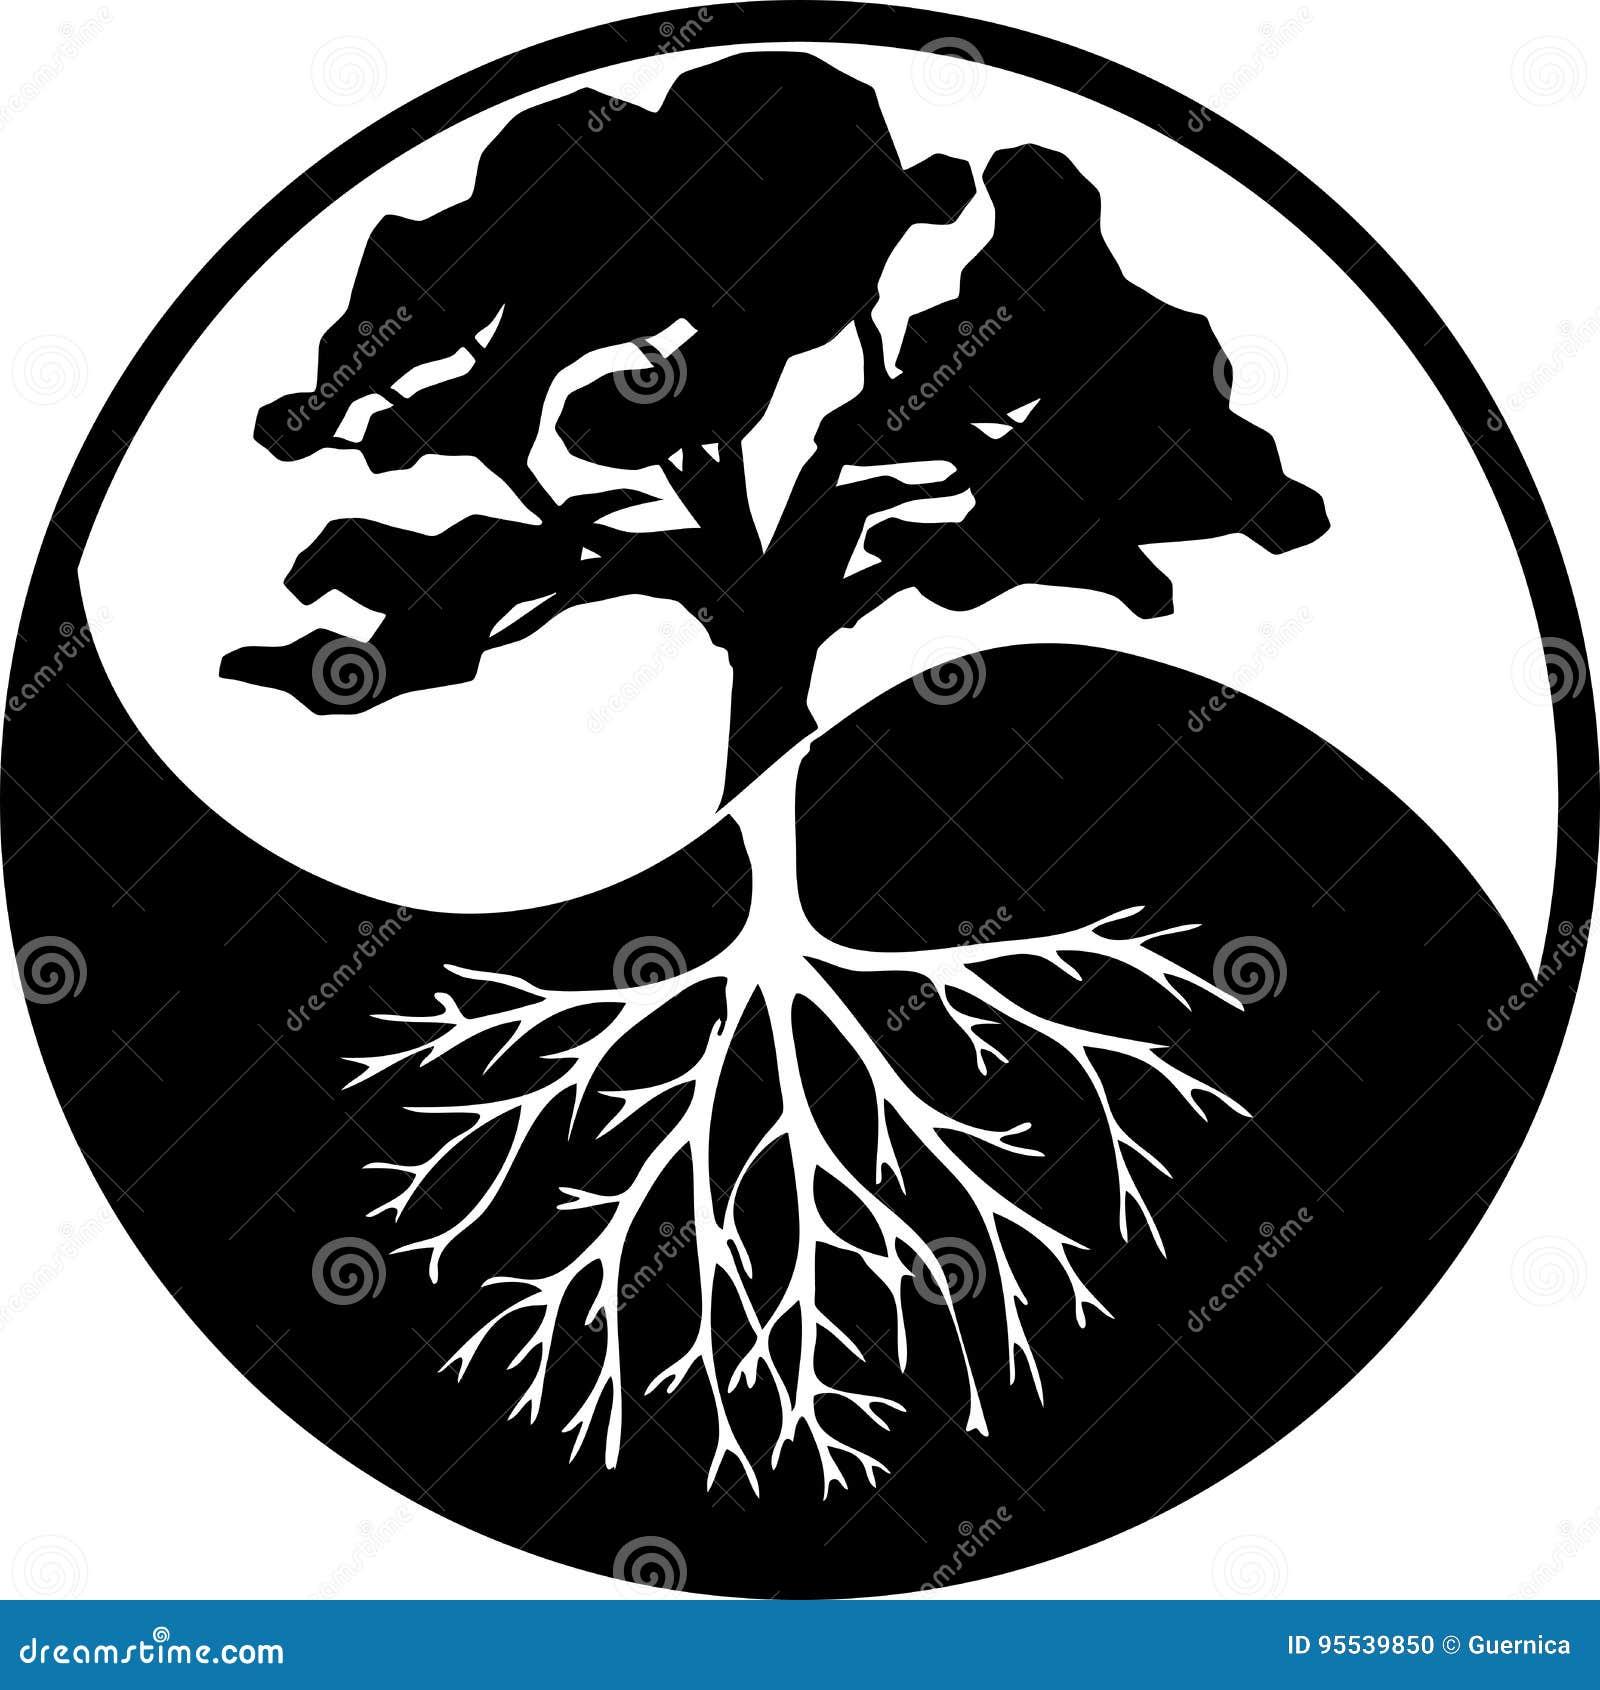 Yin cartoons illustrations vector stock images 7107 for Yin yang raumgestaltung